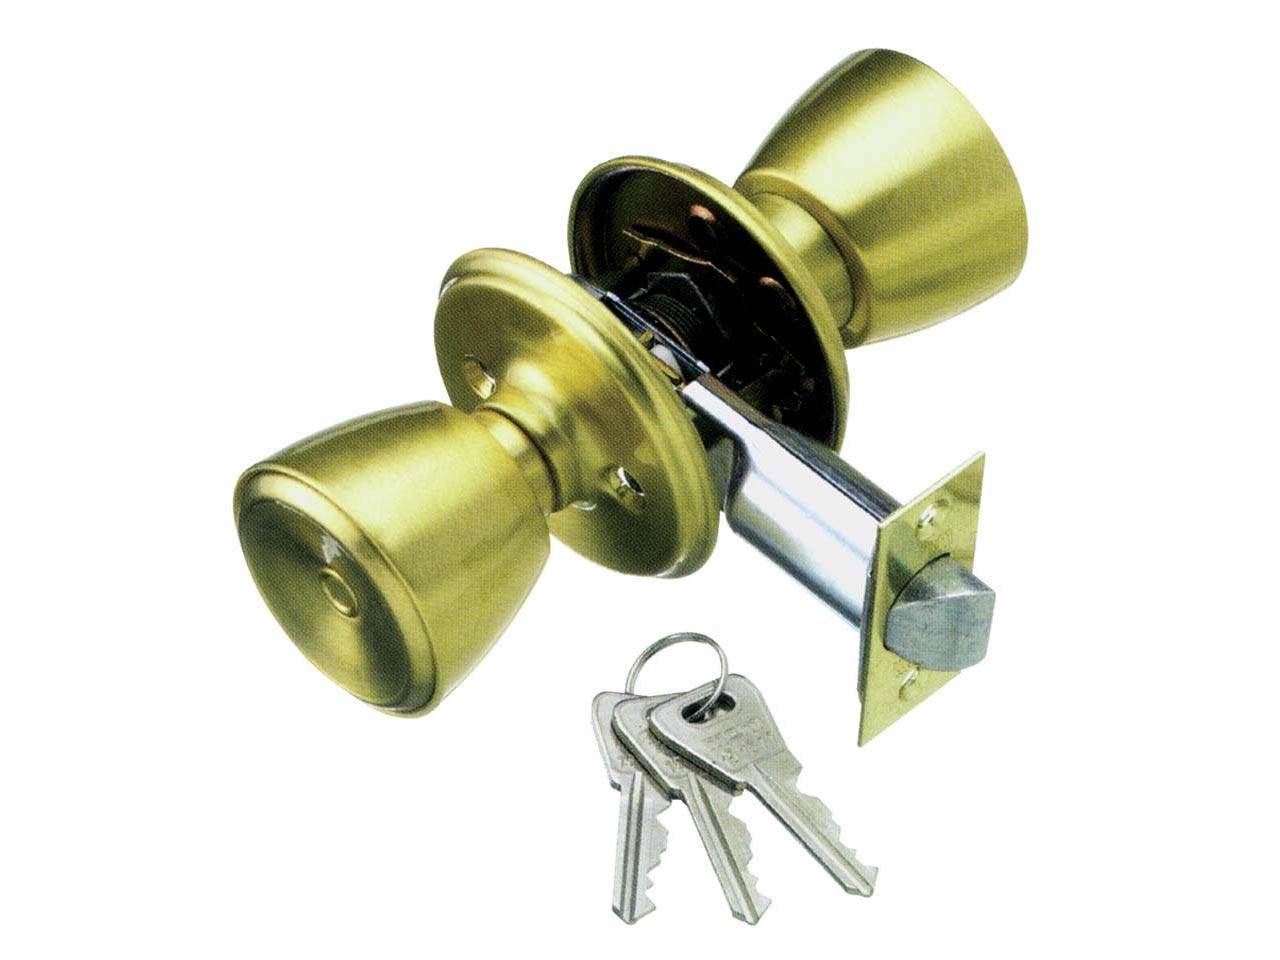 Sufersa cerradura mcm 508 pomo - Pomos con cerradura ...